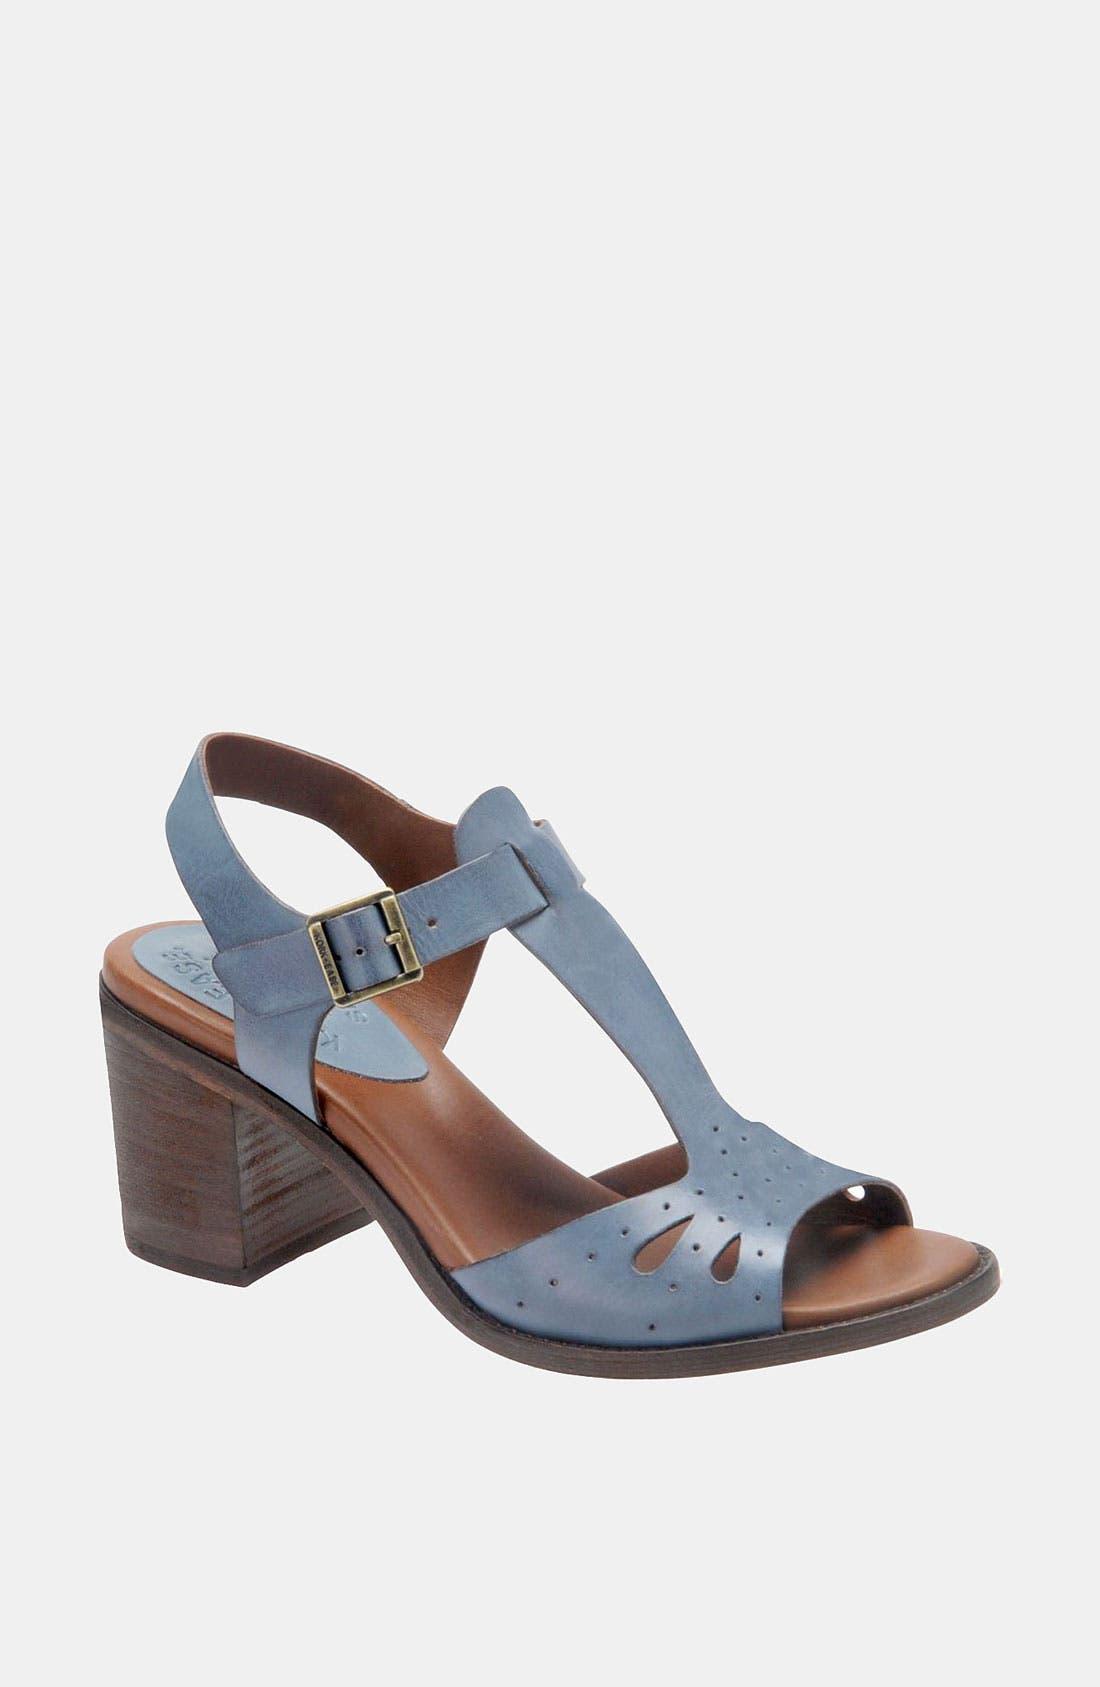 Alternate Image 1 Selected - Kork-Ease 'Betheny' Sandal